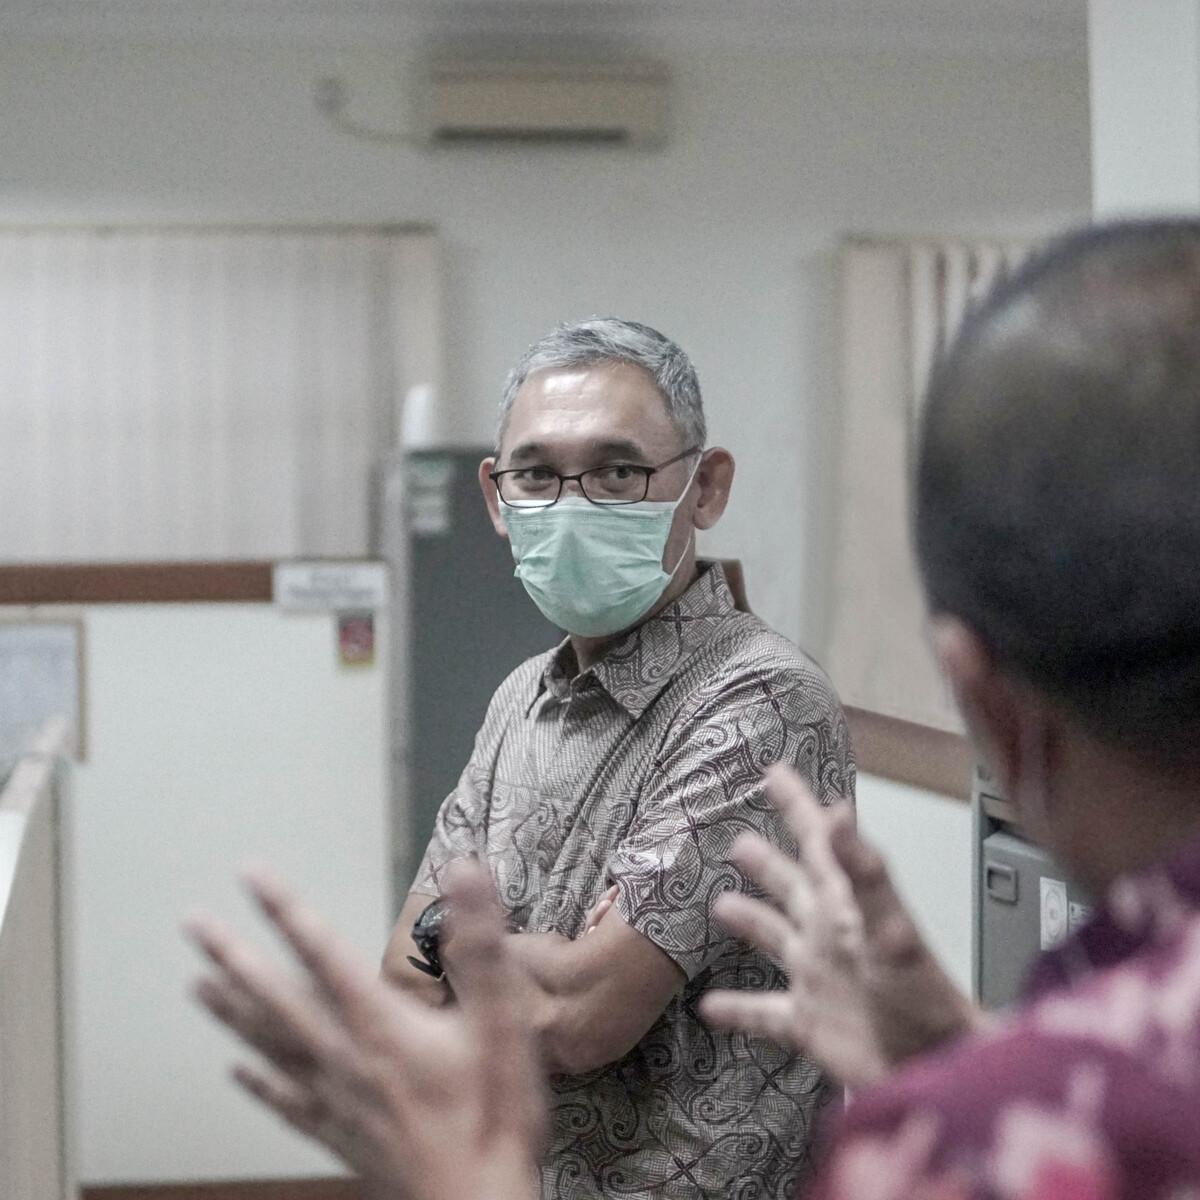 Kunjungi KPKNL Singaraja, Dirjen KN: Junjung Pekerjaan ke Tempat yang Lebih Mulia